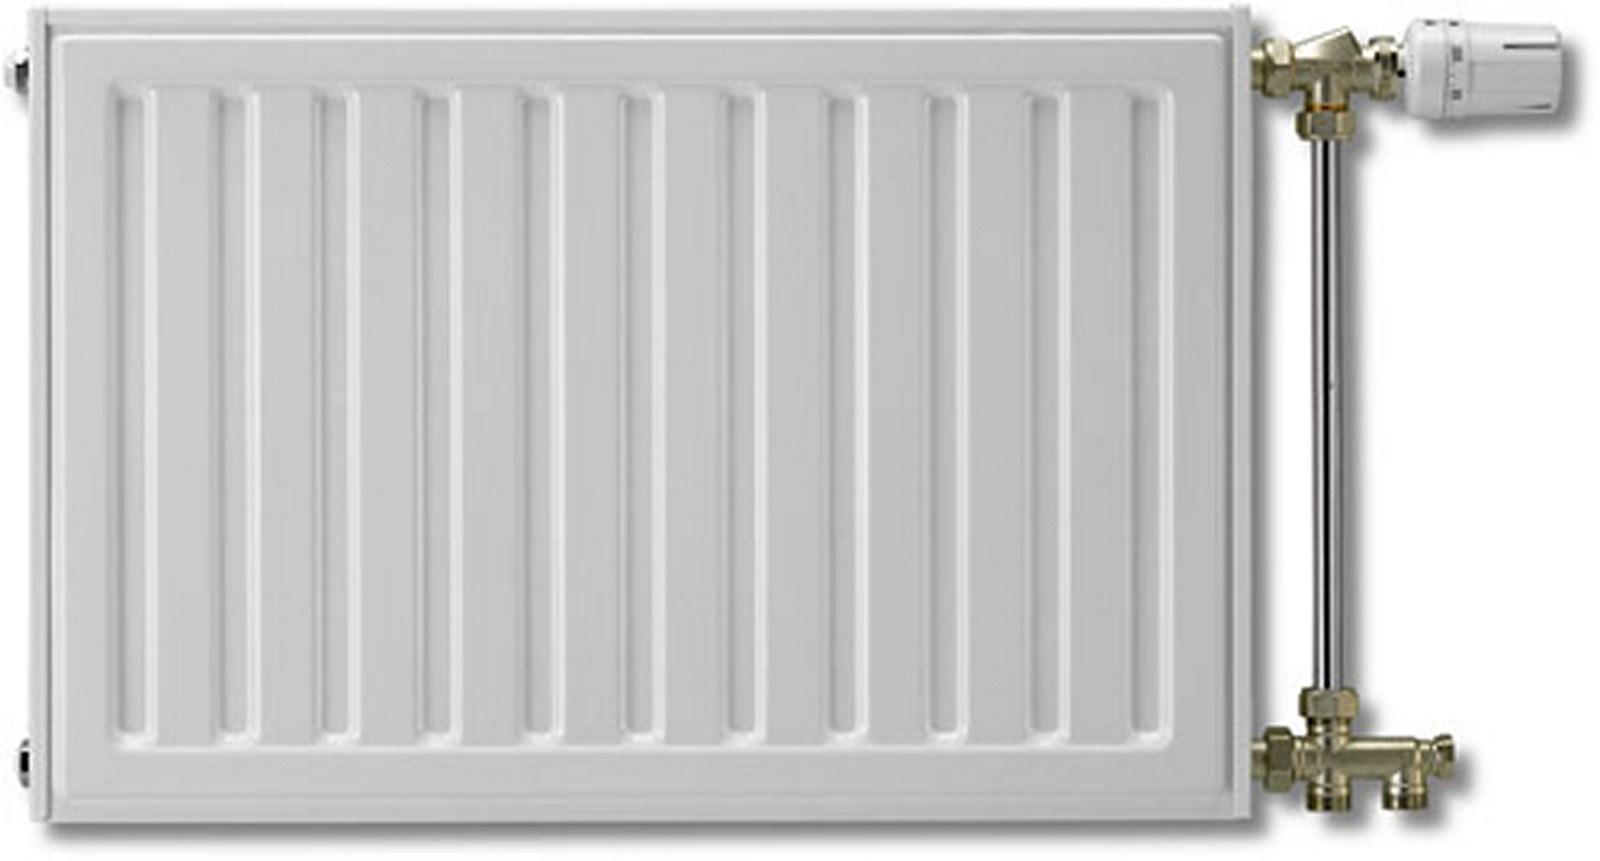 Chauffage radiateur panneaux radson radiateur compact for Radiateur electrique fonte w